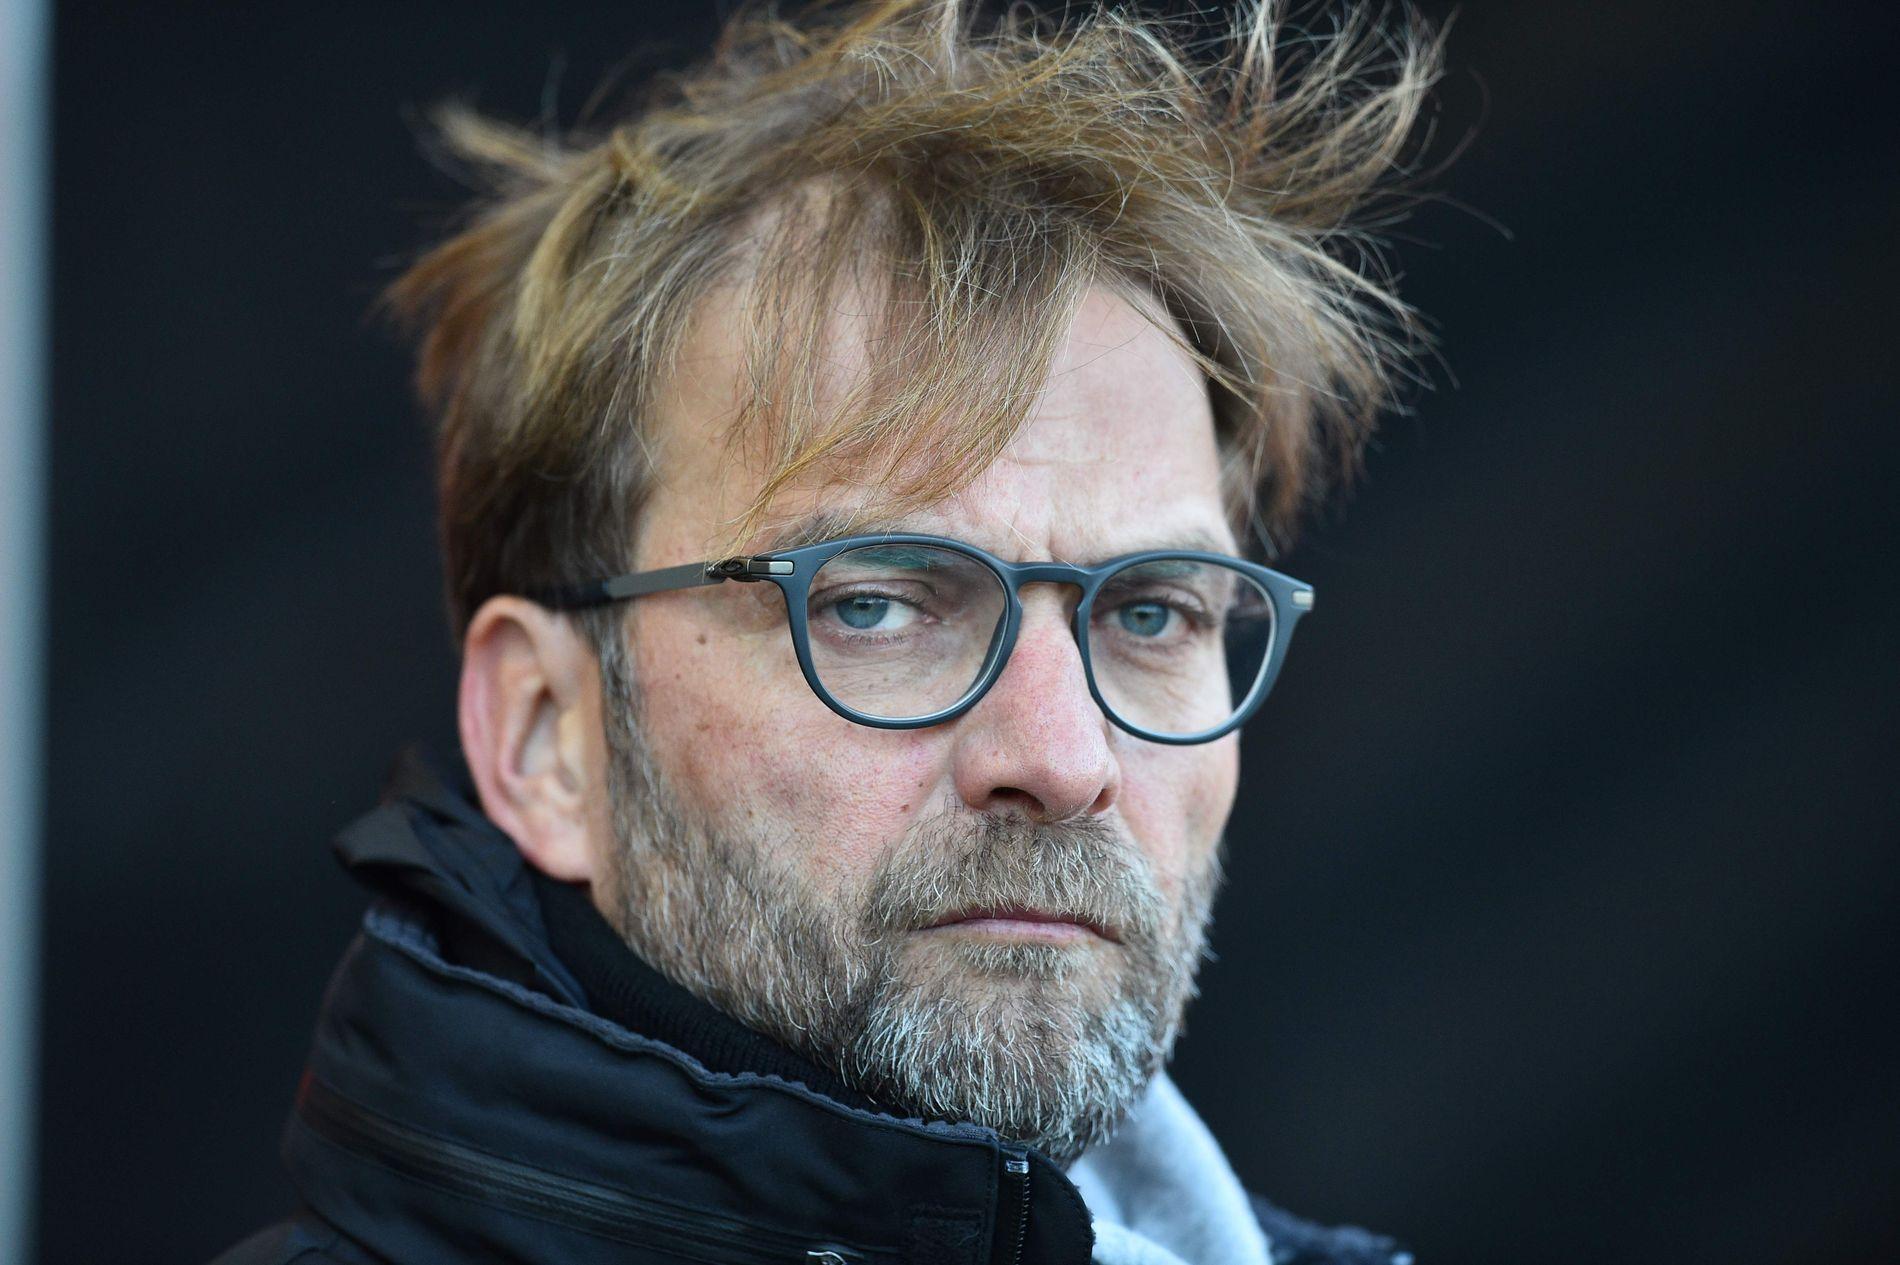 FEST BLE TIL PEST: Jürgen Klopp trodde knapt det han så av sitt Liverpool. Topplaget så ut til å ha full kontroll og var centimetere unna 4-1-ledelse. I stedet slo Bournemouth tilbake og vant 4-3.